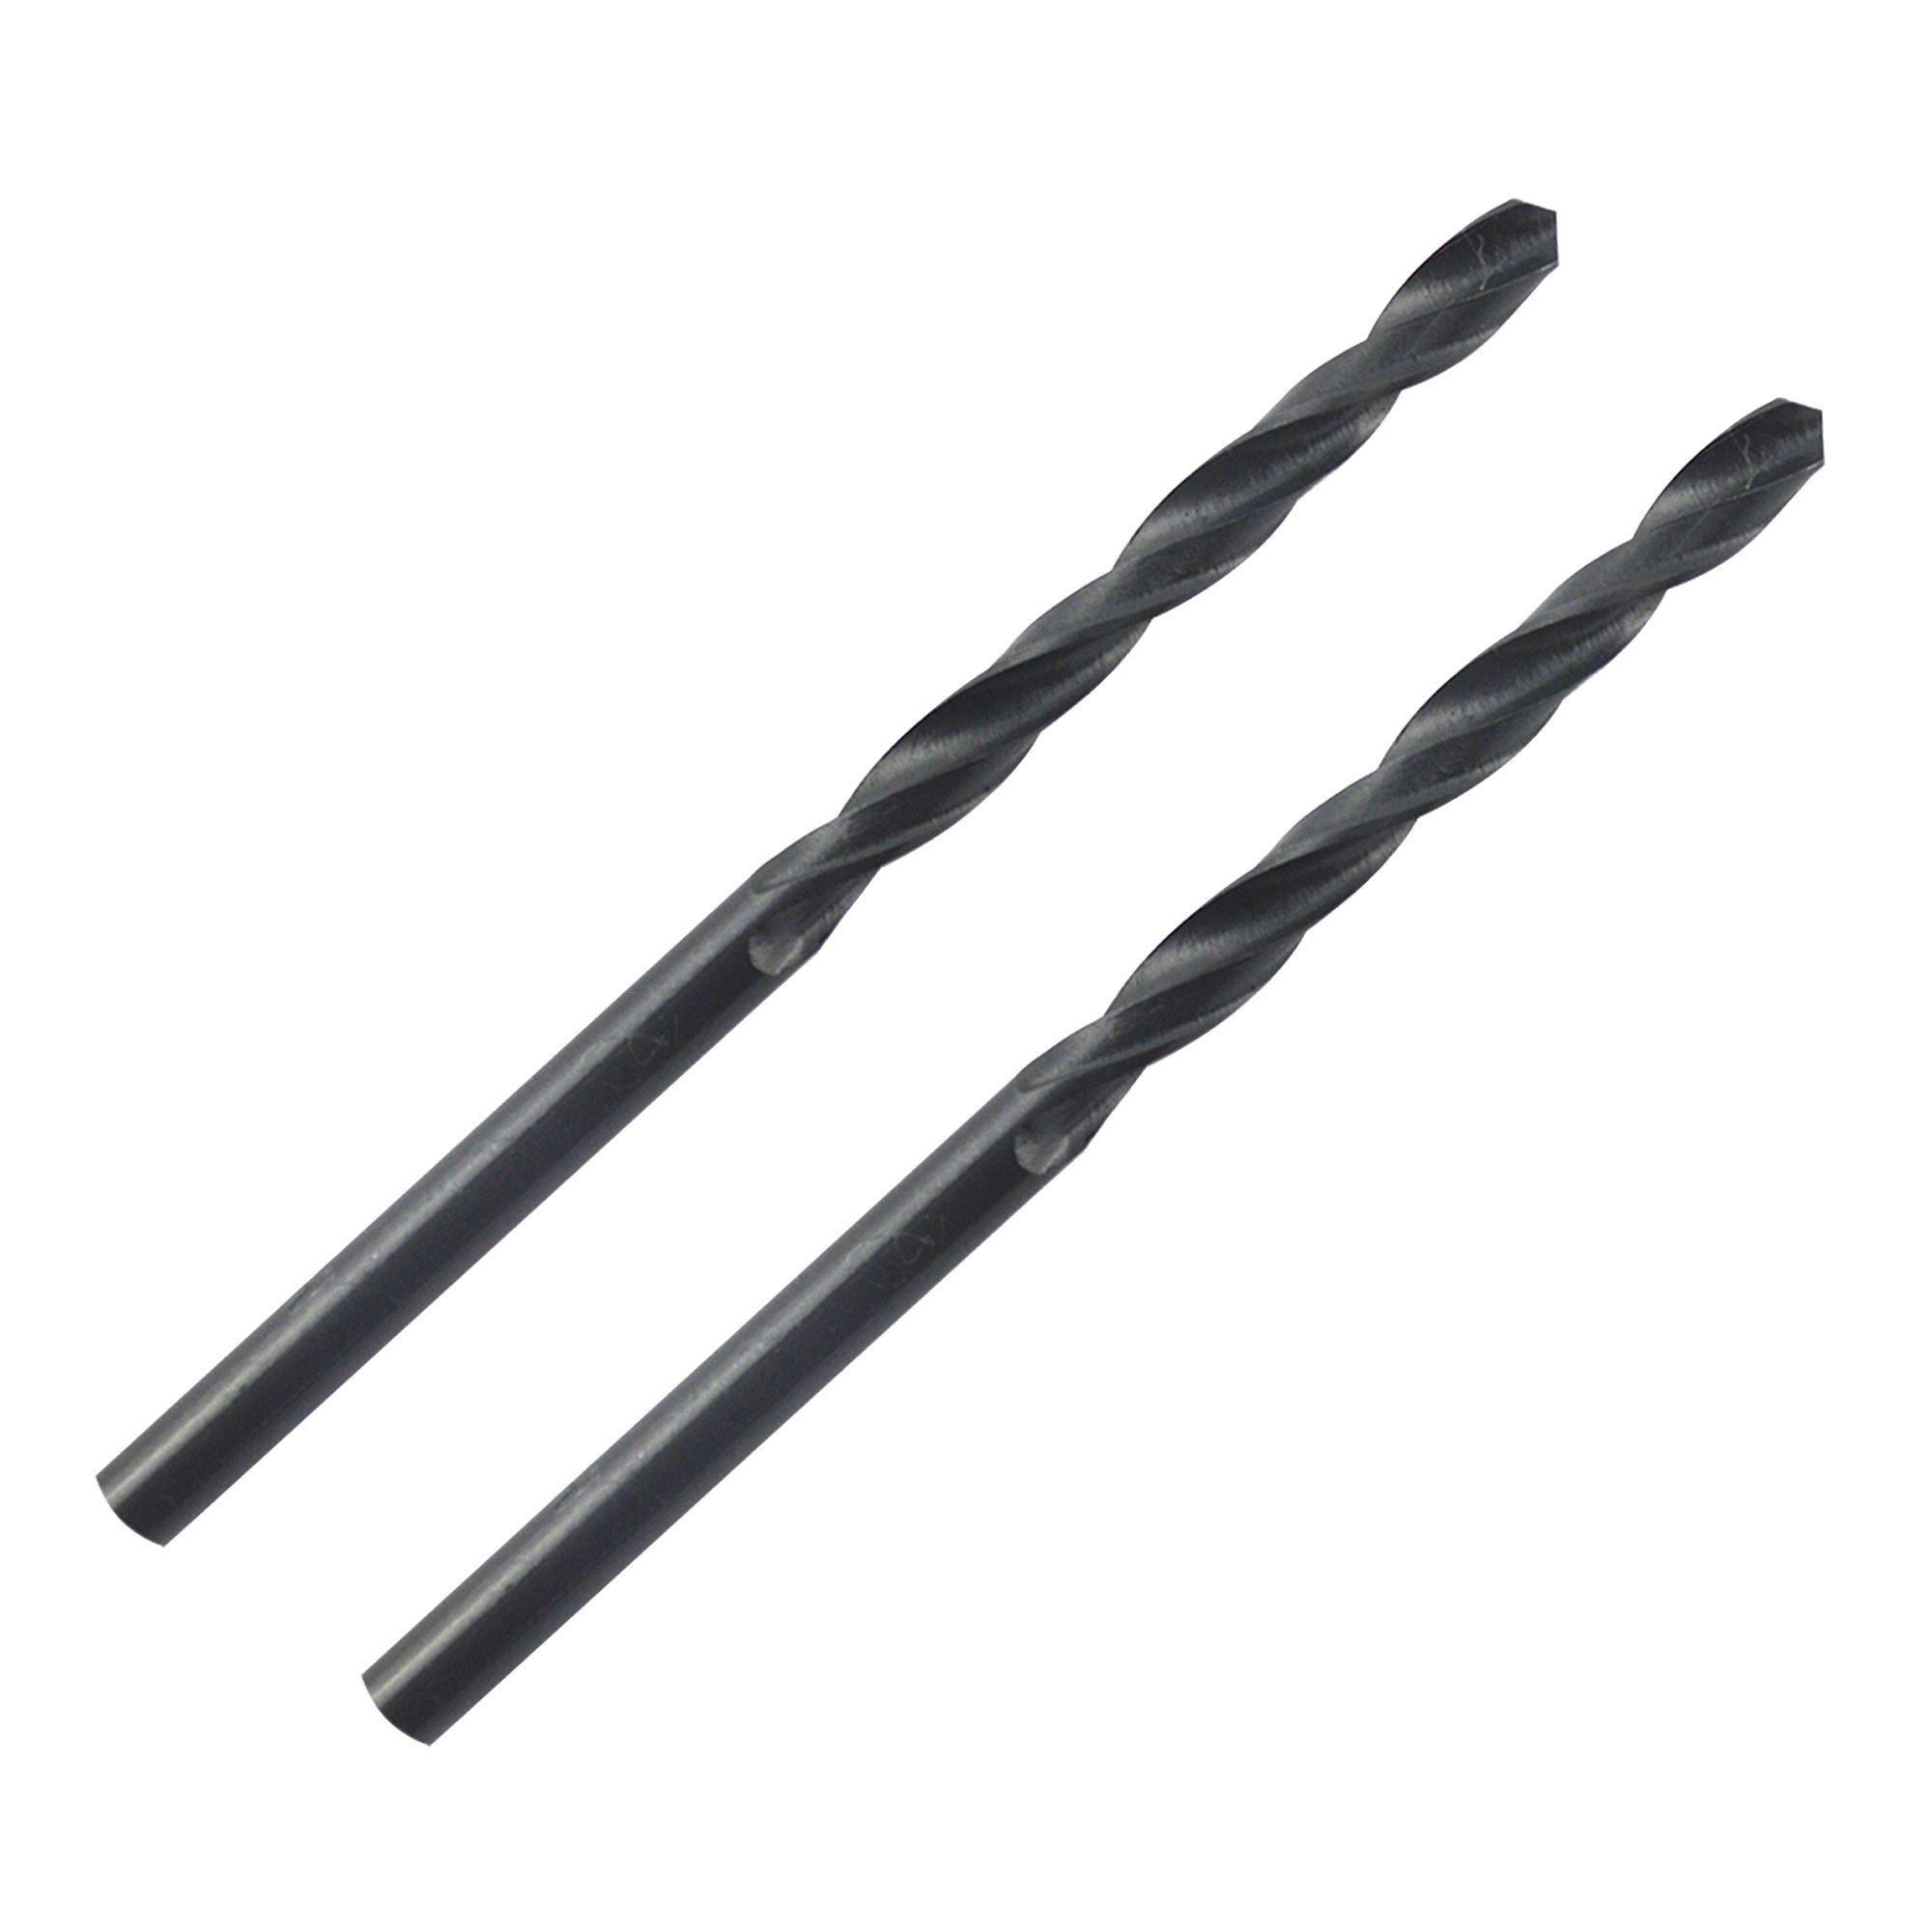 Ptx Steel Hss Drill Bit (dia)4mm (l)75mm, Pack Of 2